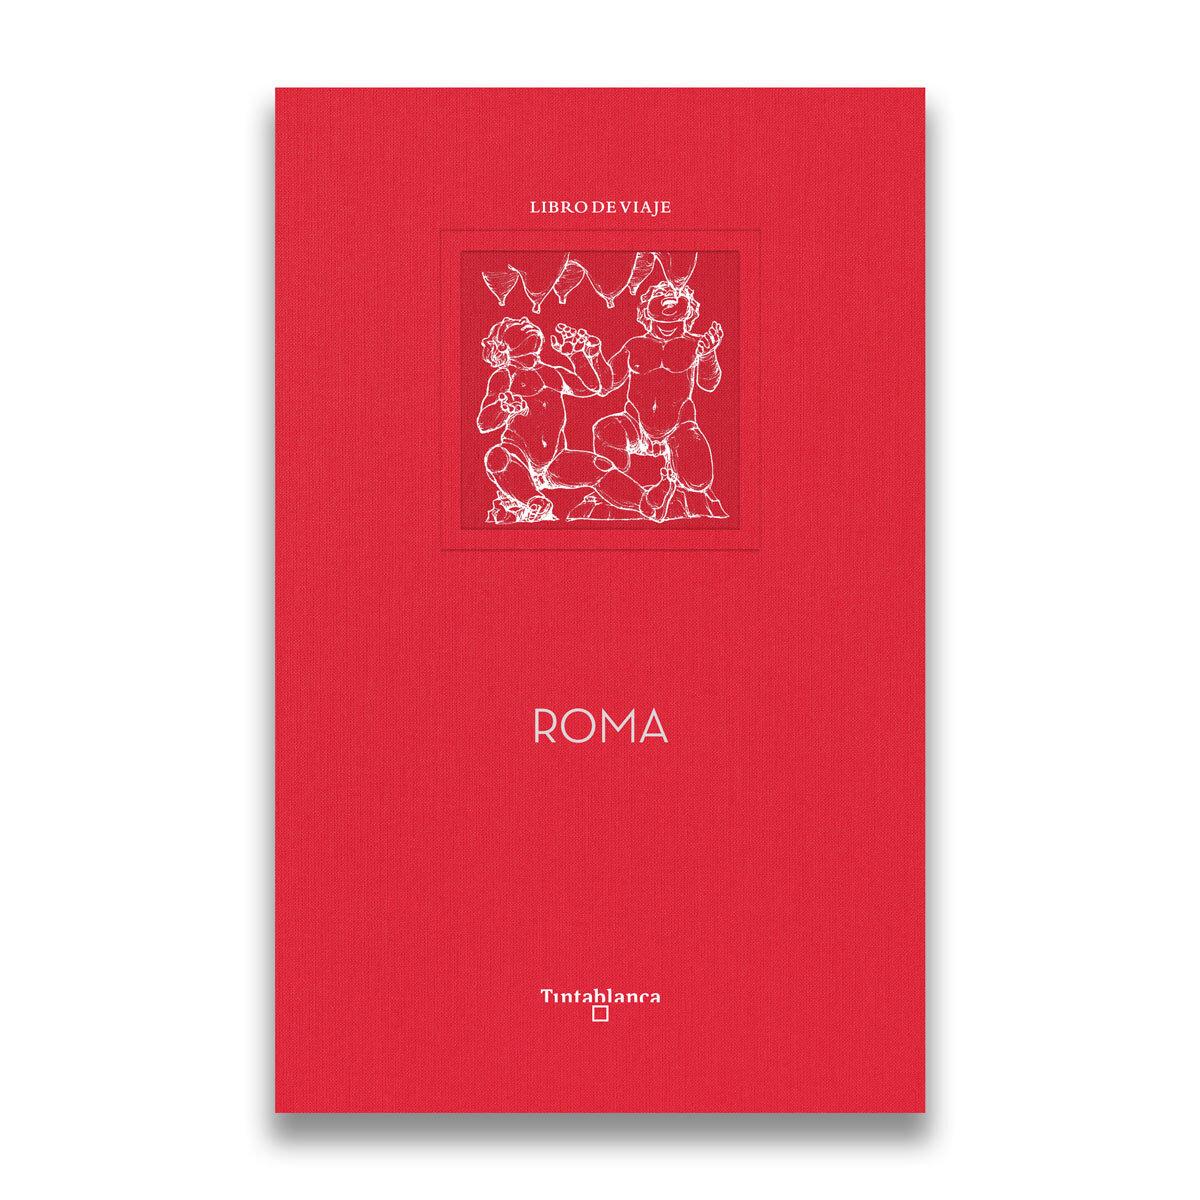 Roma - Libro de viaje